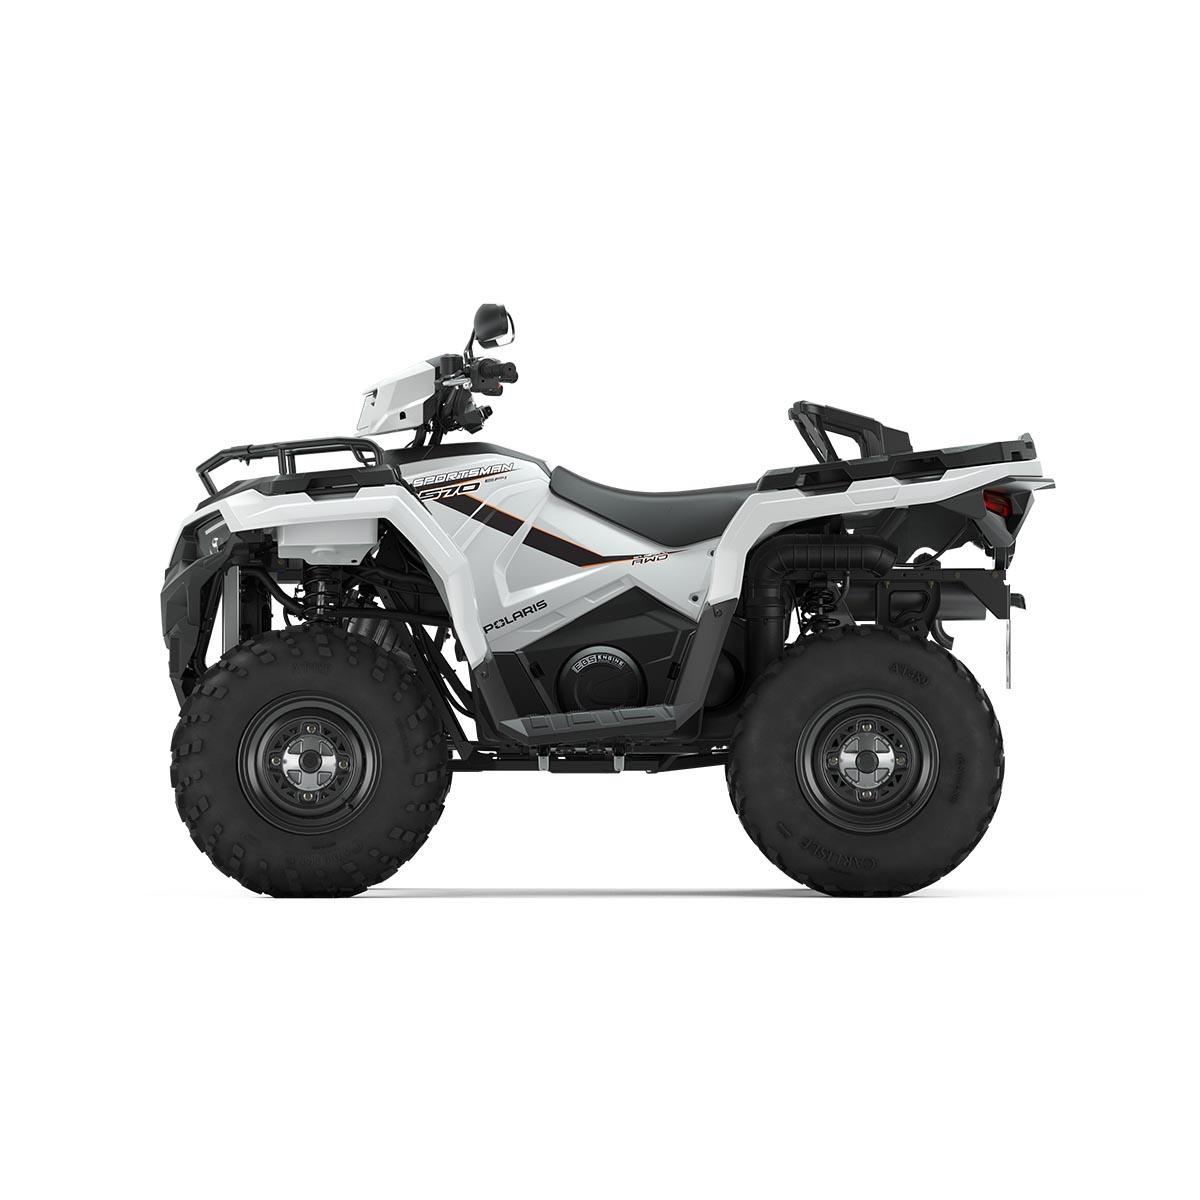 Polaris Sportsman 570 Atv Traktör